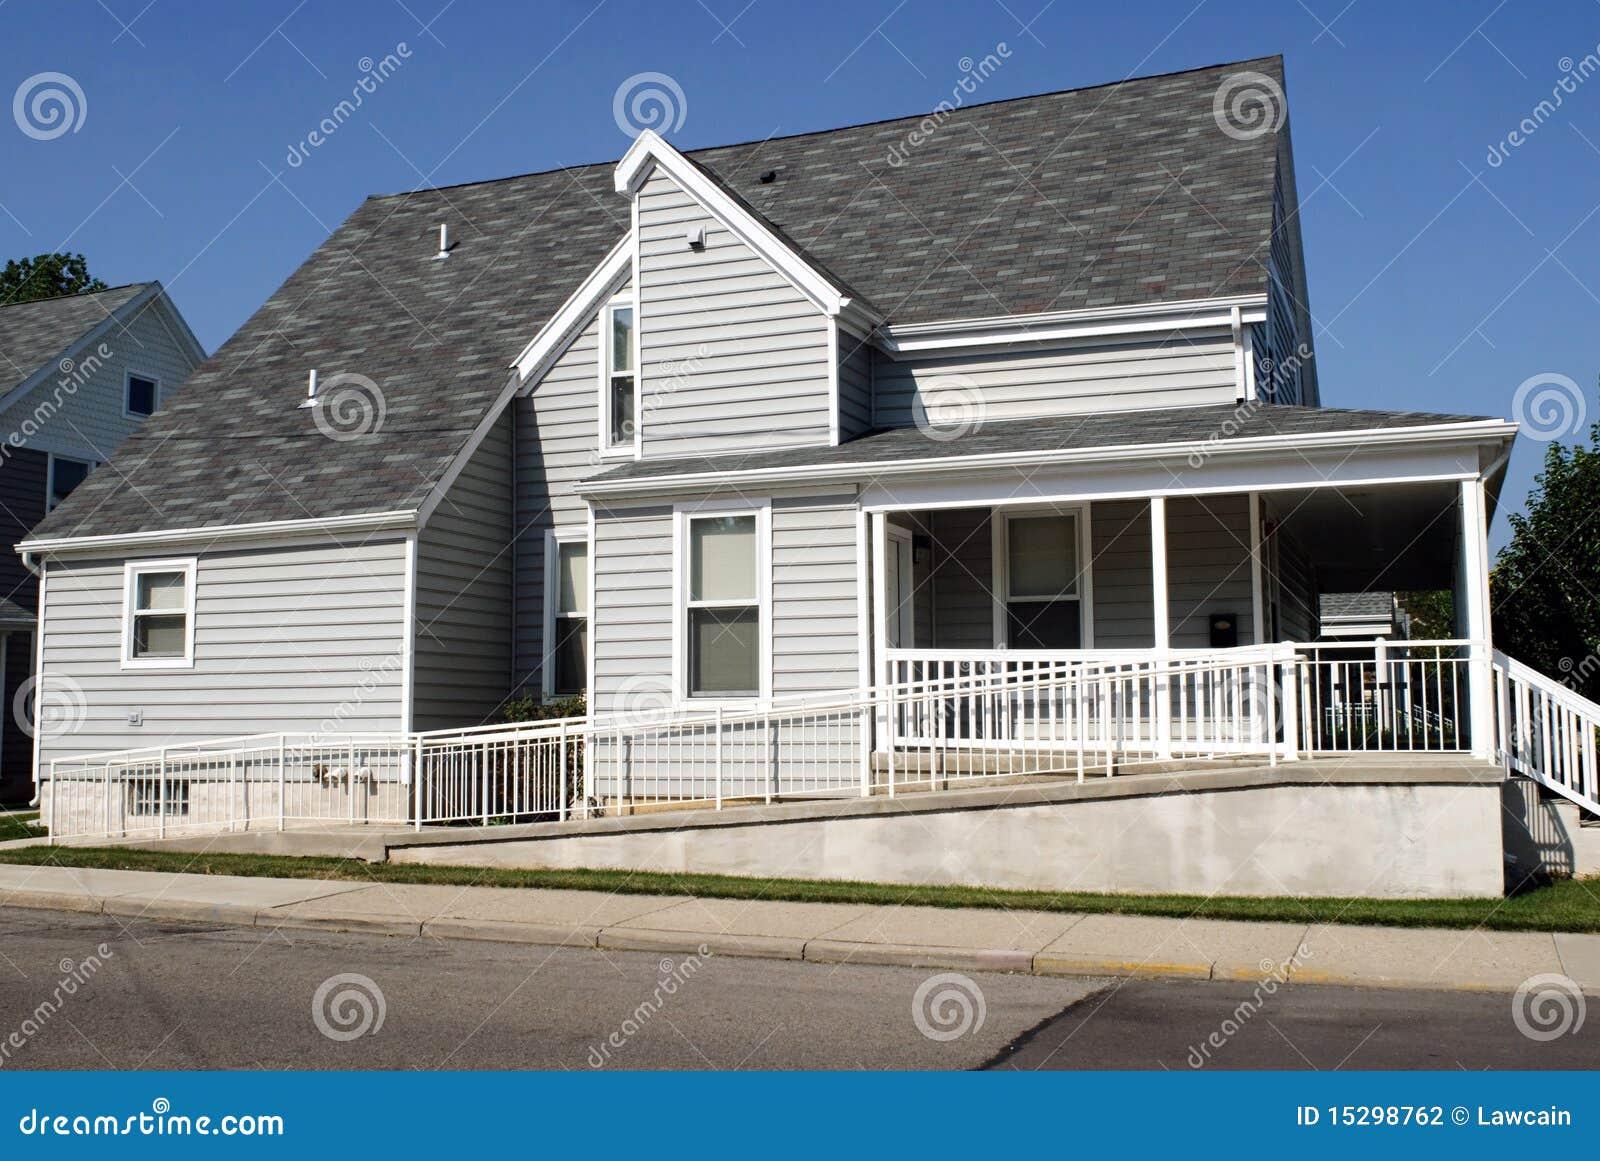 房子舷梯轮椅